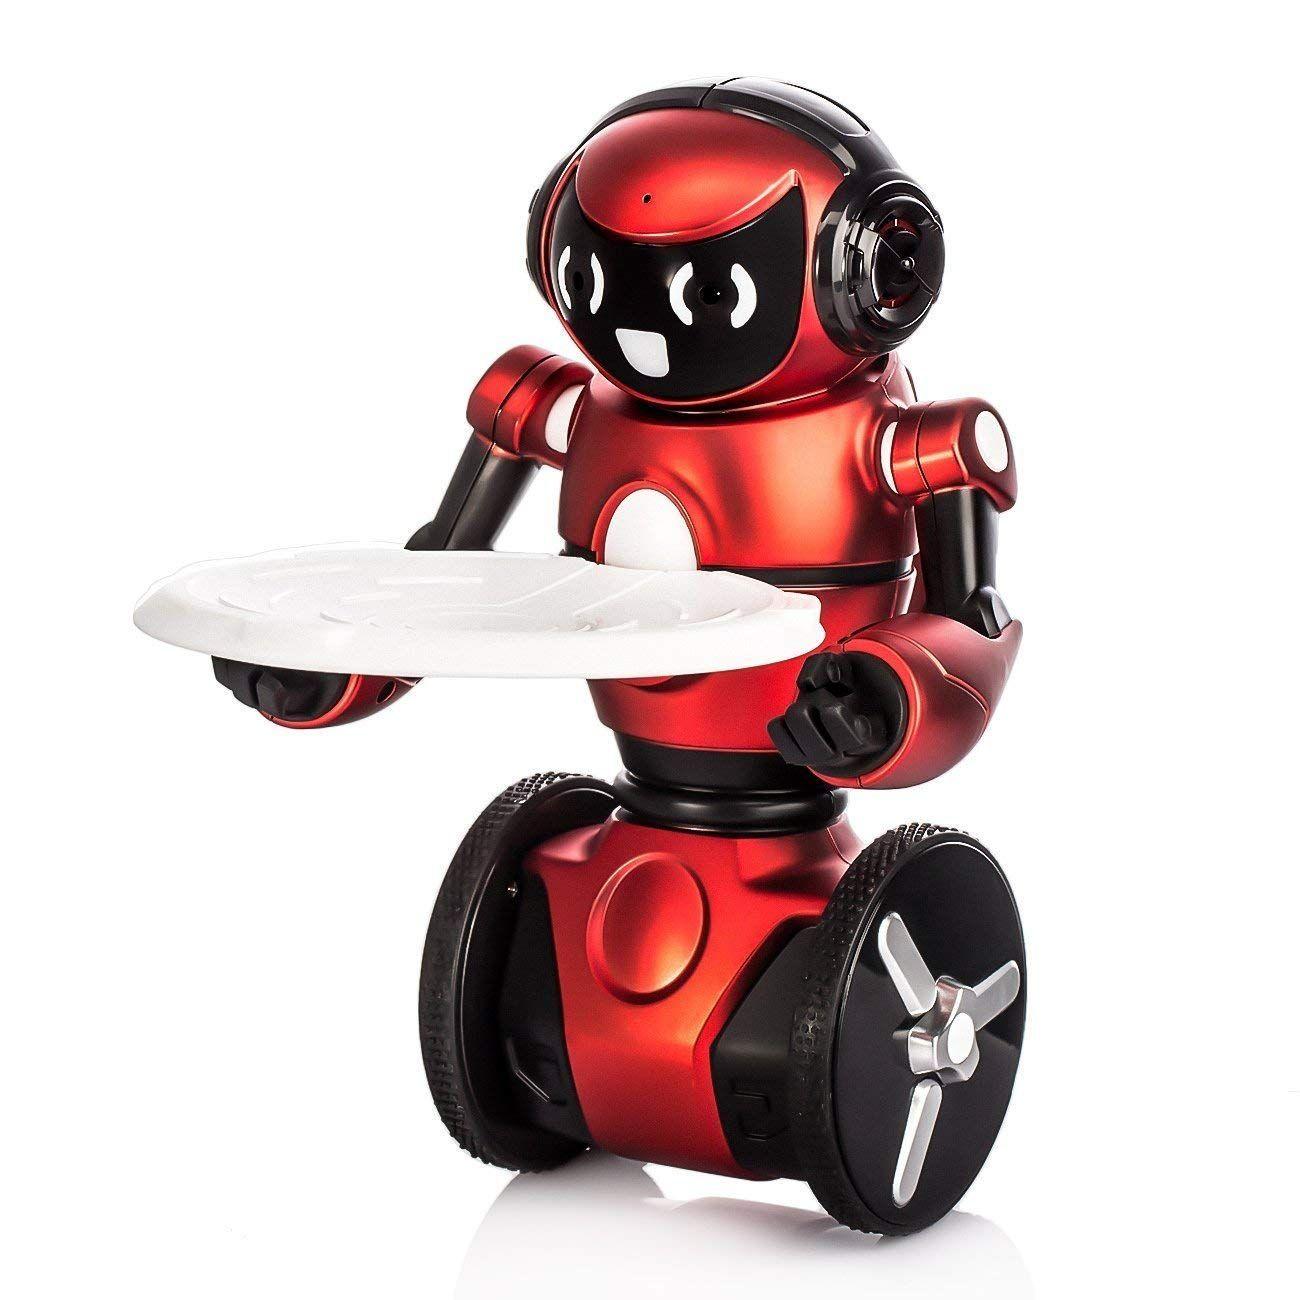 3clife 2018 self balancing dancing robot